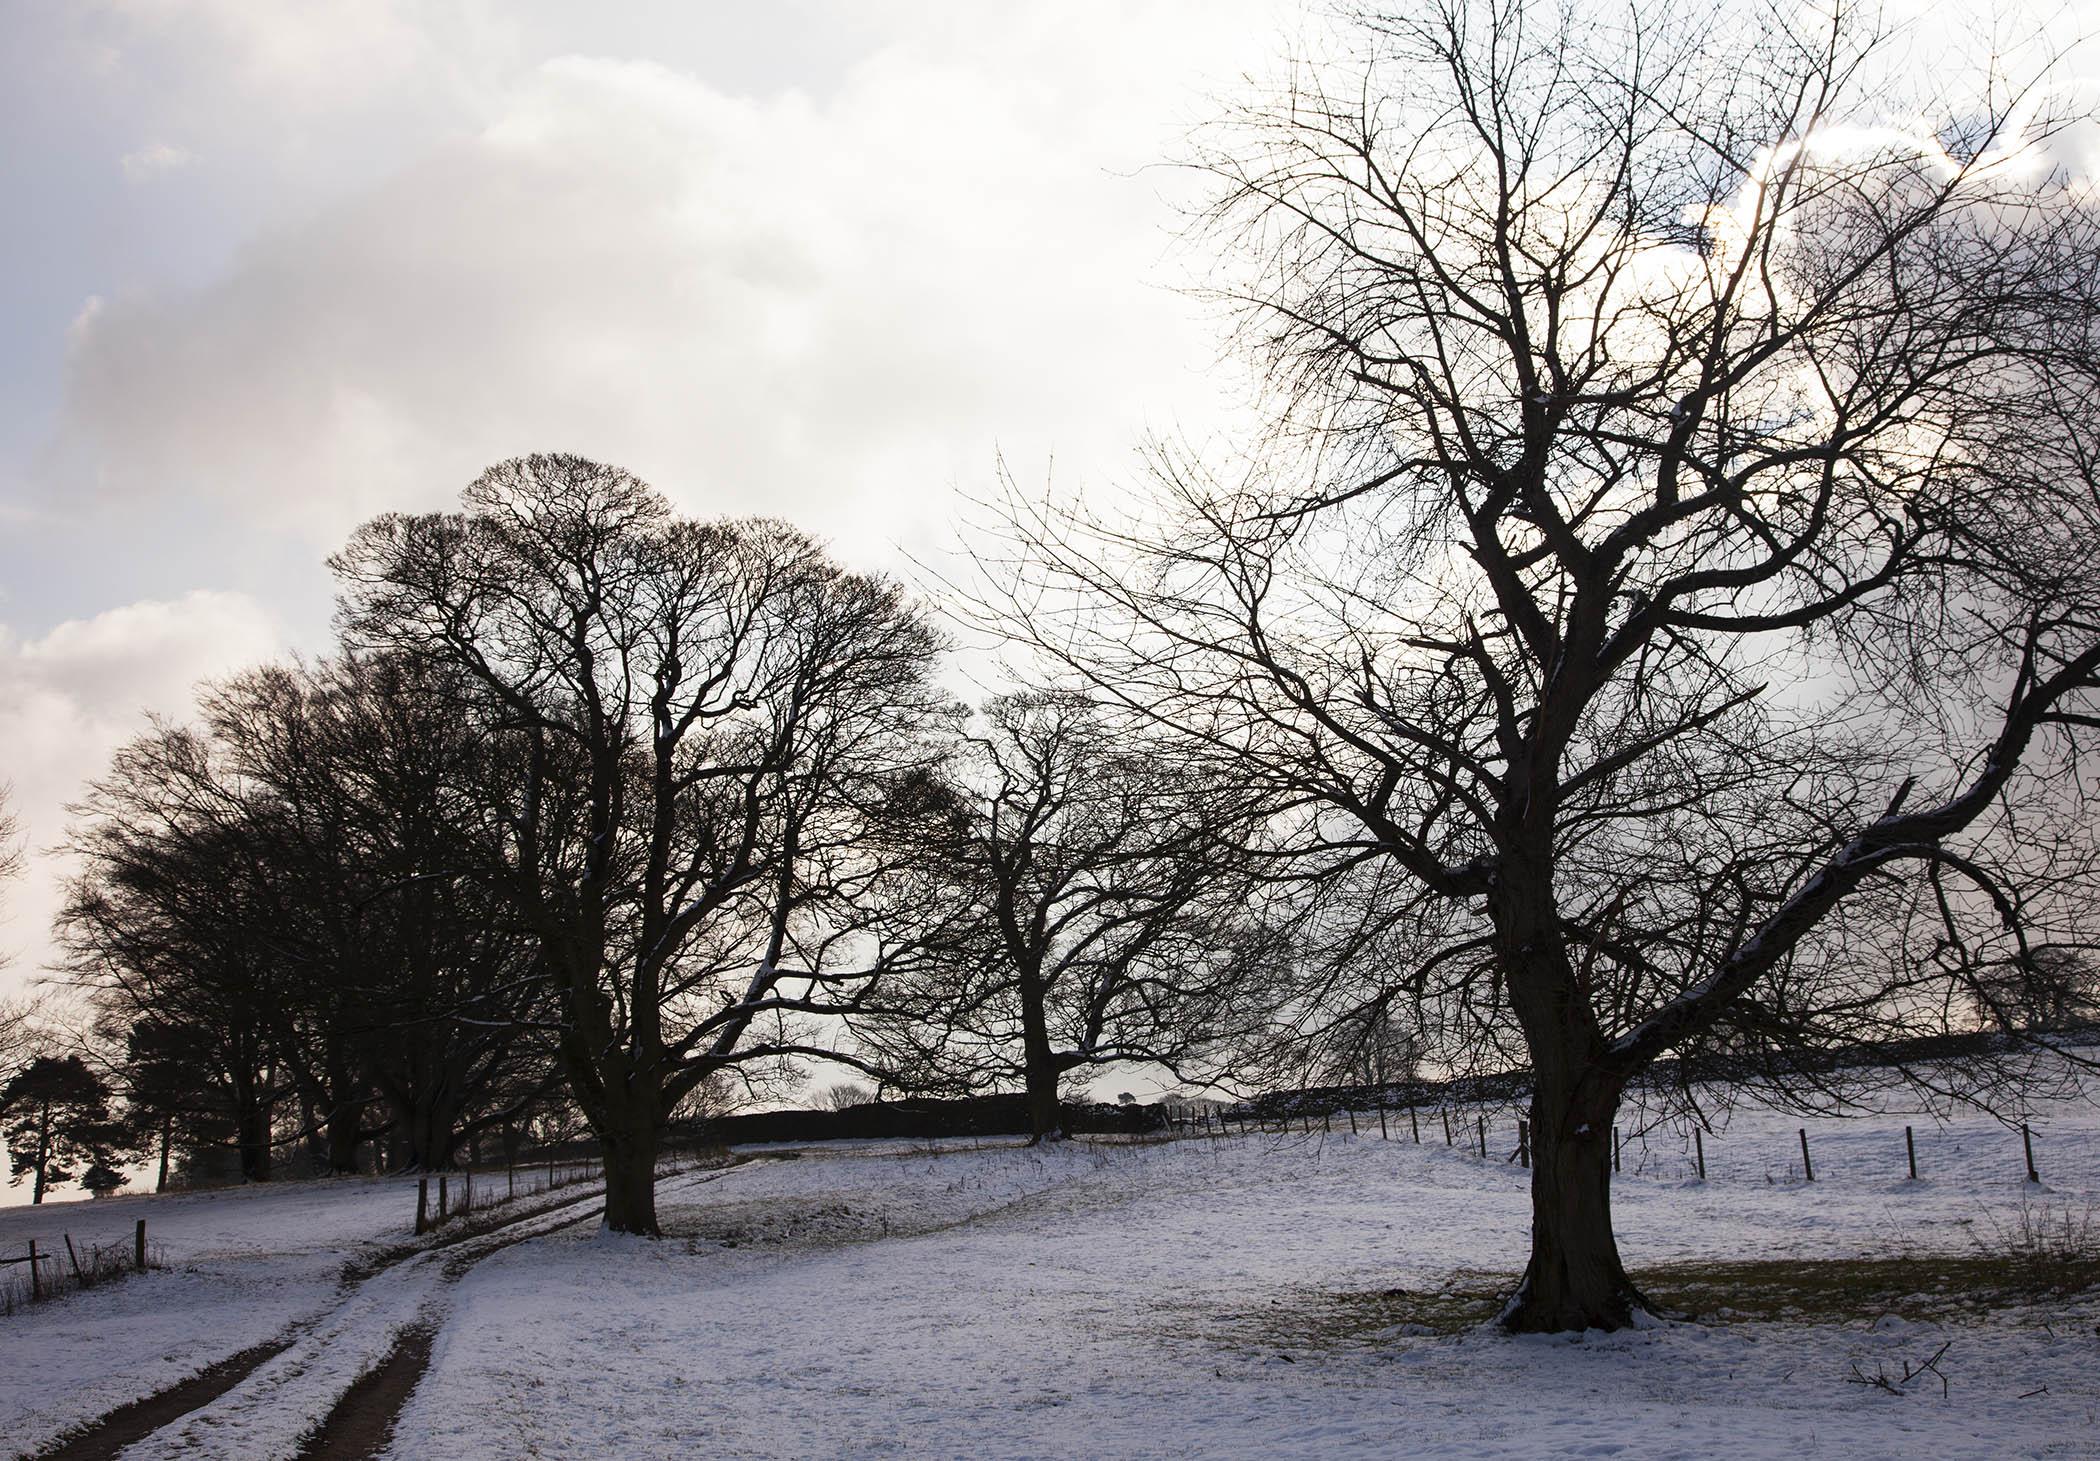 Alderwasley Park